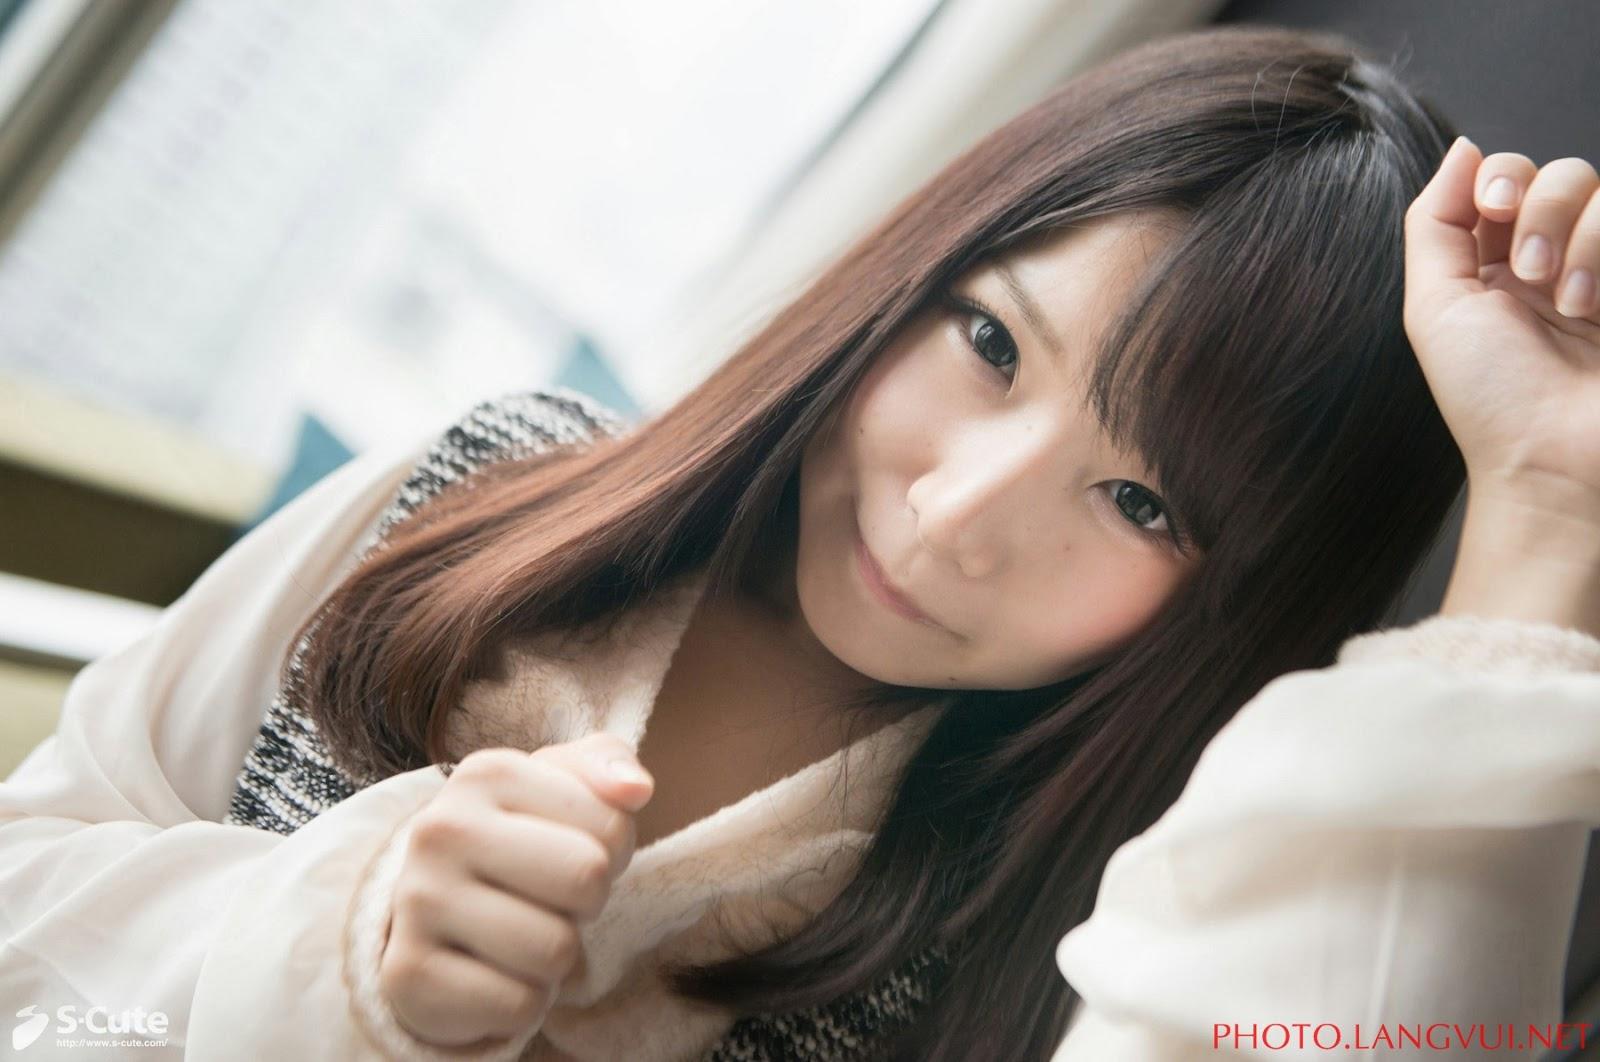 S-Cute No 329 Kokoa